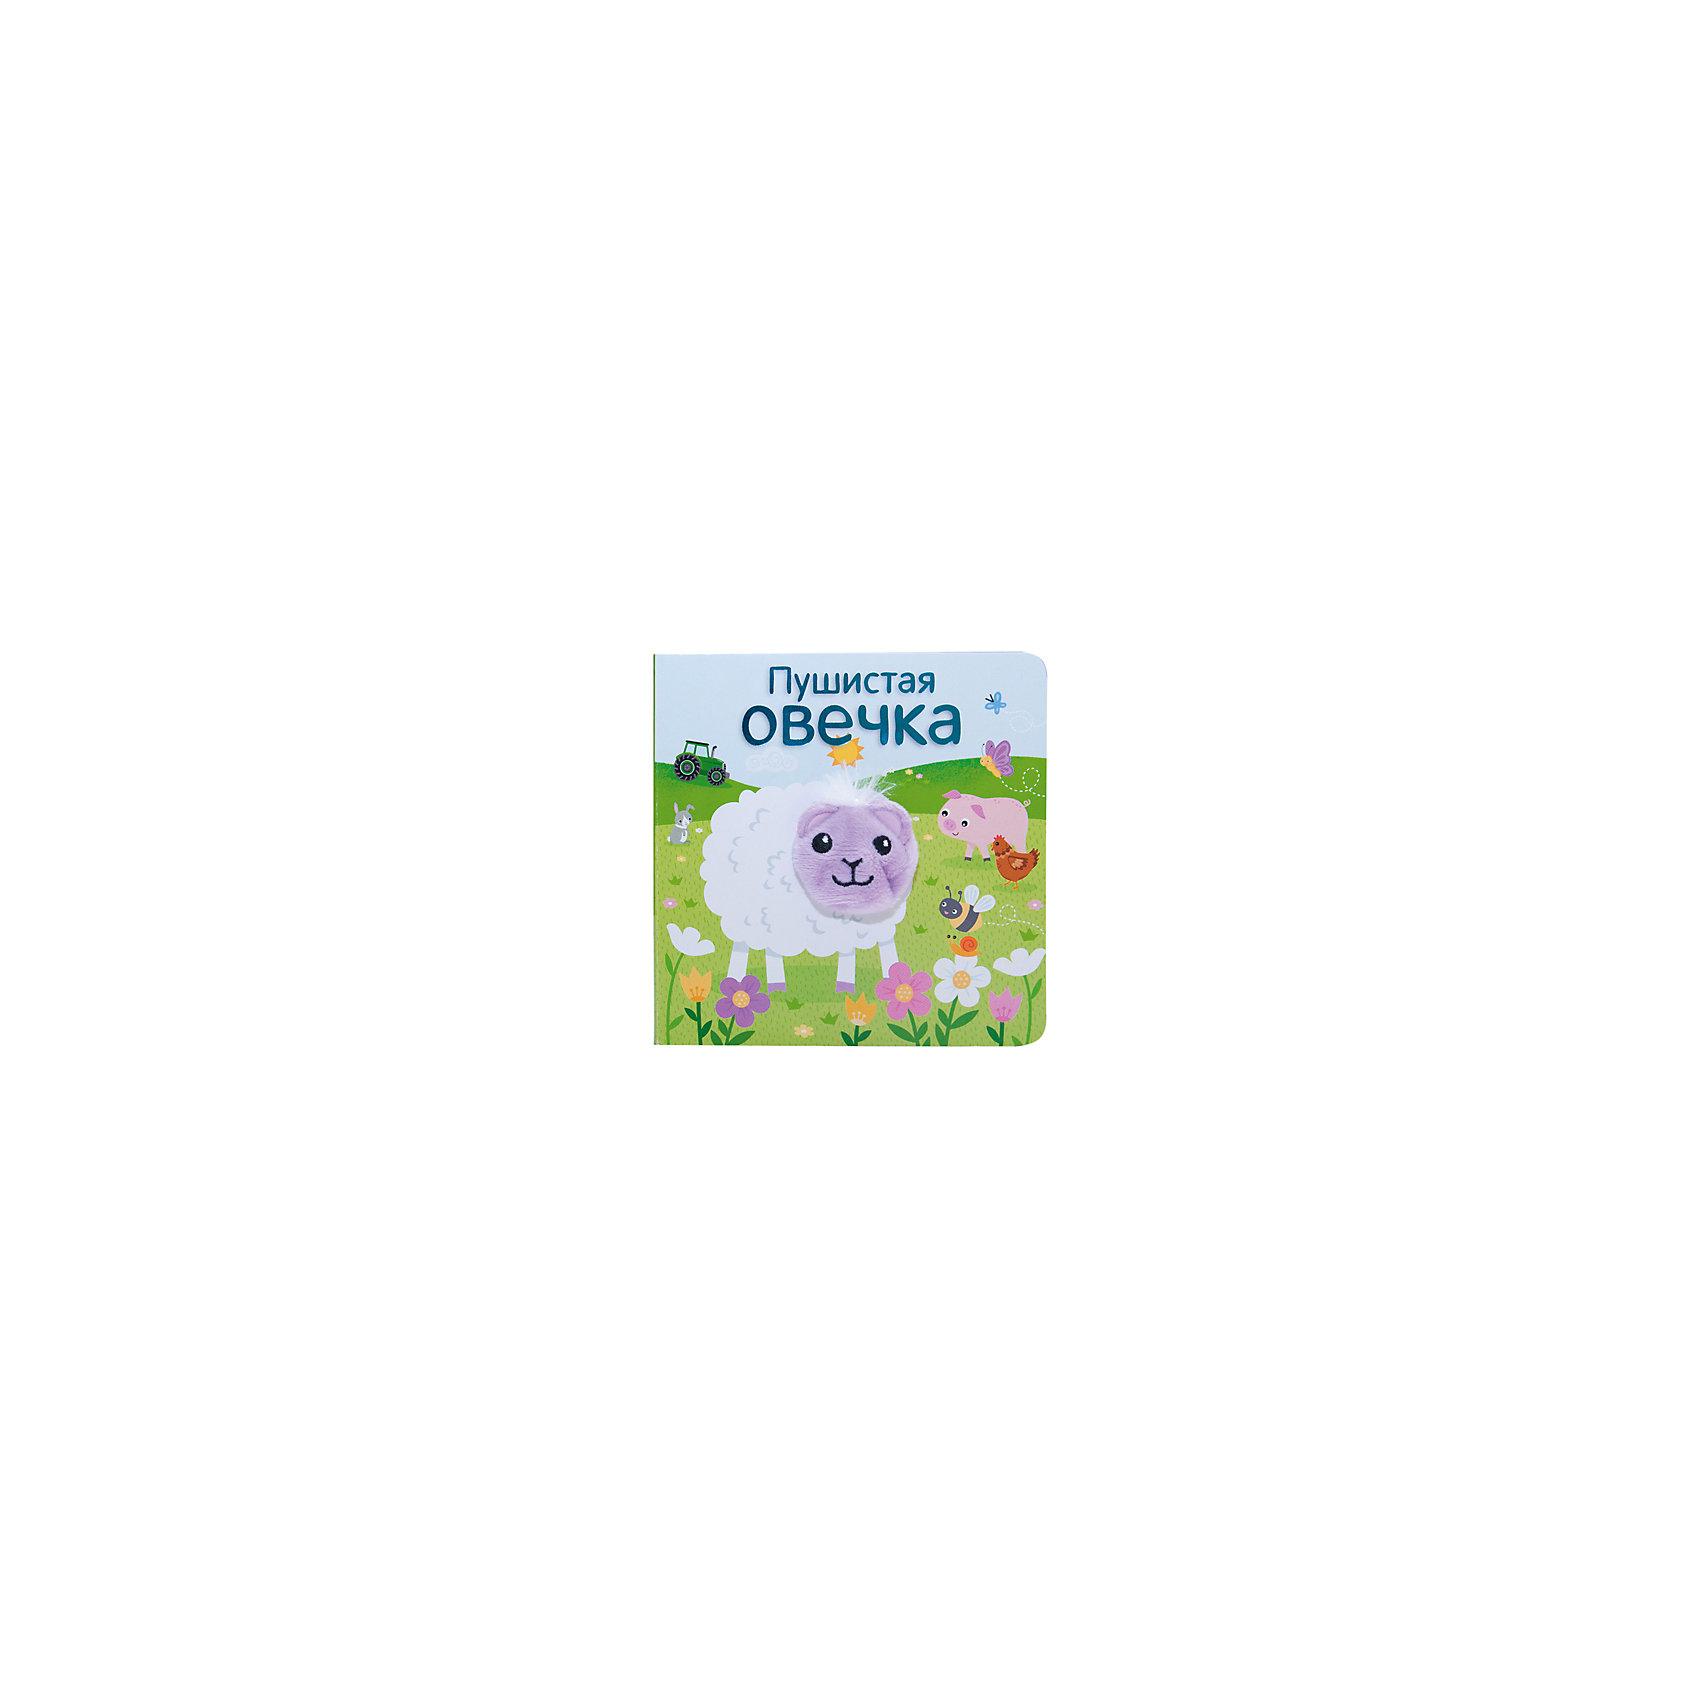 Книжки с пальчиковыми куклами Пушистая овечка, Мозаика-СинтезТворчество для малышей<br>Книжки с пальчиковыми куклами Пушистая овечка, Мозаика-Синтез<br><br>Характеристики:<br><br>• Возраст: до 3 лет<br>• Обложка: твердая<br>• Страниц: 12<br>• Автор: О. Мазалева<br>• Размер книги: 12.5х12.5 см.<br>• ISBN: 978-5-43151-019-9<br>• Формат: мини<br><br>Эта удивительная книга подарит вашему ребенку много часов счастливой игры и поможет развить воображение. В комплекте с книгой идет не только пальчиковая игрушка, но и множество стихов и описания приключений героя, которые подарят вам возможность увлечь малыша рассказом, помочь ему в развитии фантазии и дать поиграть с милой игрушкой. Книга имеет закругленные края и изготовлена на плотном картоне, чтобы быть абсолютно безопасной для вашего малыша.<br><br>Книжки с пальчиковыми куклами Пушистая овечка, Мозаика-Синтез можно купить в нашем интернет-магазине.<br><br>Ширина мм: 125<br>Глубина мм: 125<br>Высота мм: 17<br>Вес г: 0<br>Возраст от месяцев: 12<br>Возраст до месяцев: 36<br>Пол: Унисекс<br>Возраст: Детский<br>SKU: 5441687